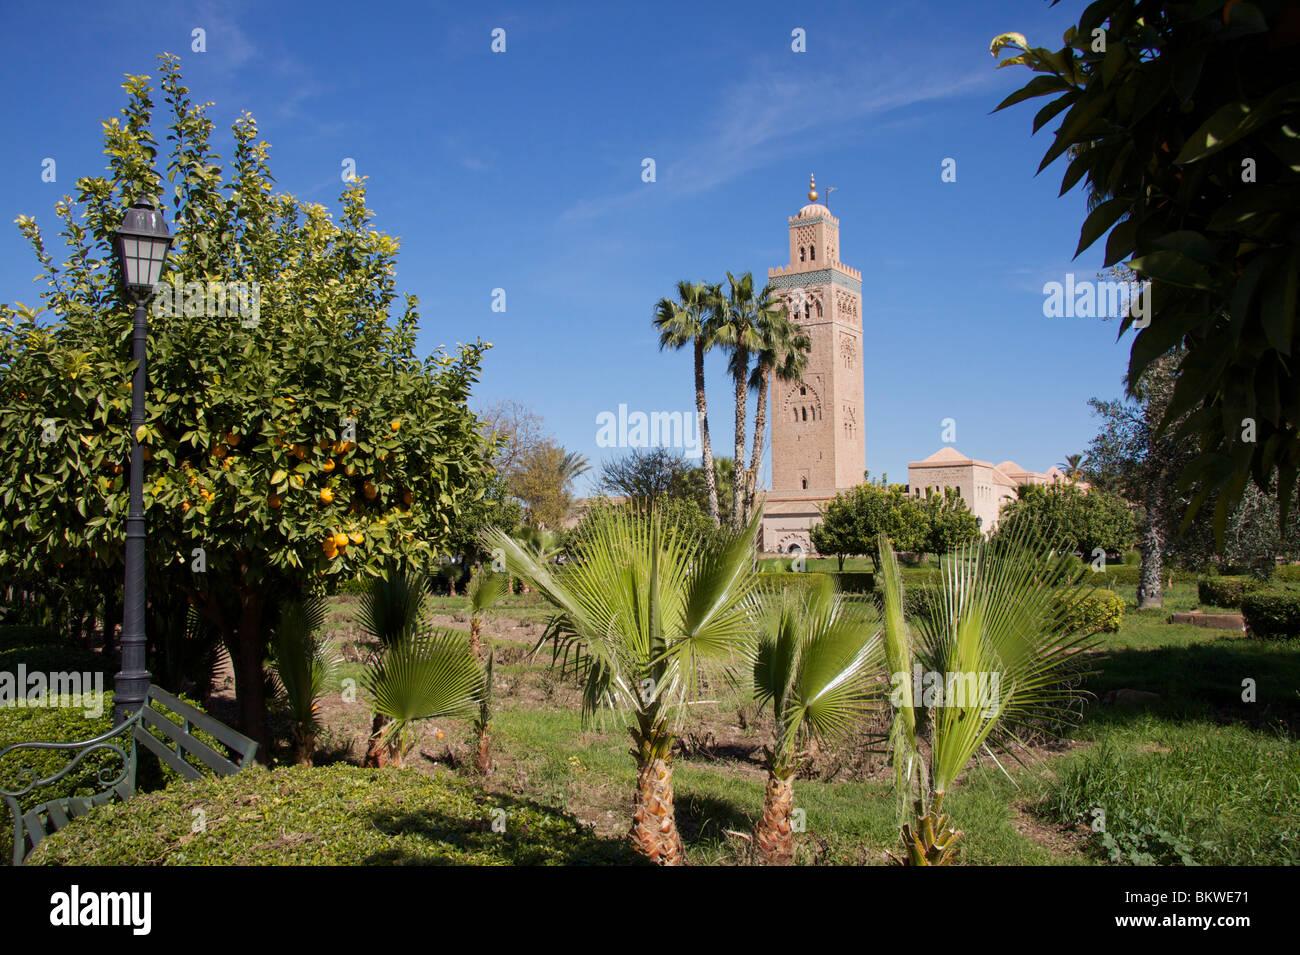 La mezquita Koutoubia y el minarete de la Koutoubia jardines con palmeras, naranjos, lámpara de sobremesa y con un cielo azul Foto de stock